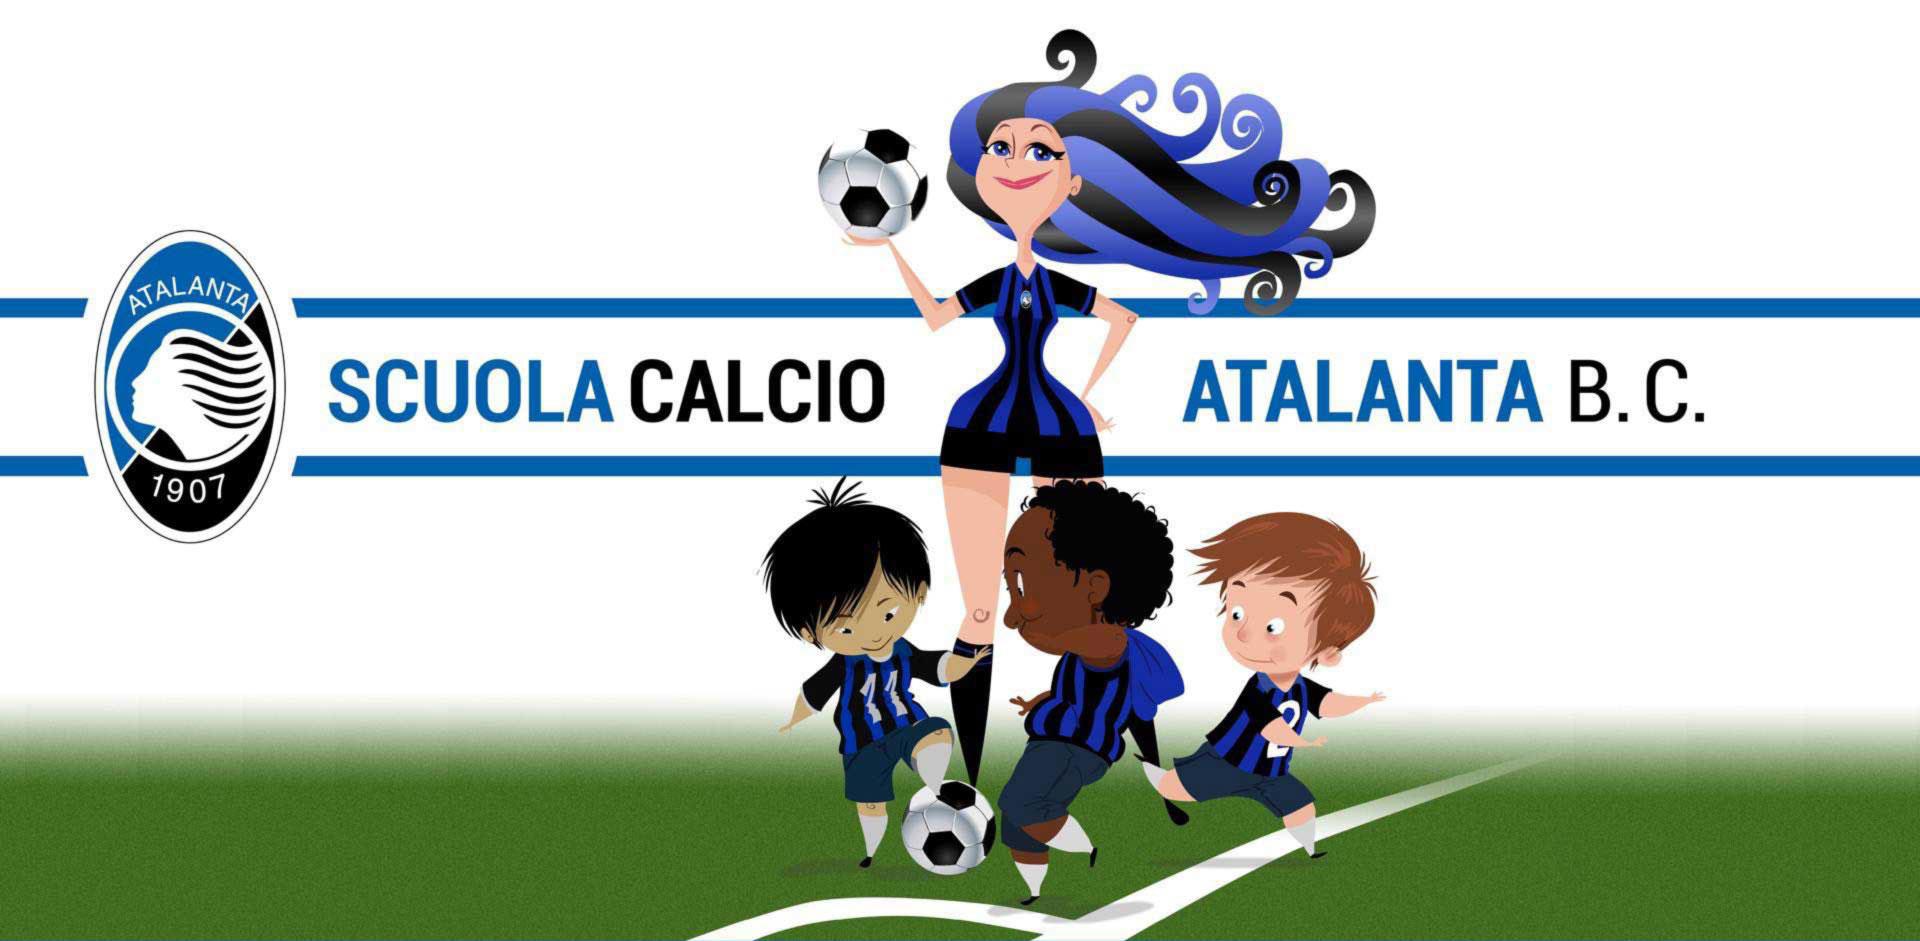 Scuola Calcio Atalanta – Atalanta B.C. rinnova e rafforza il suo ...